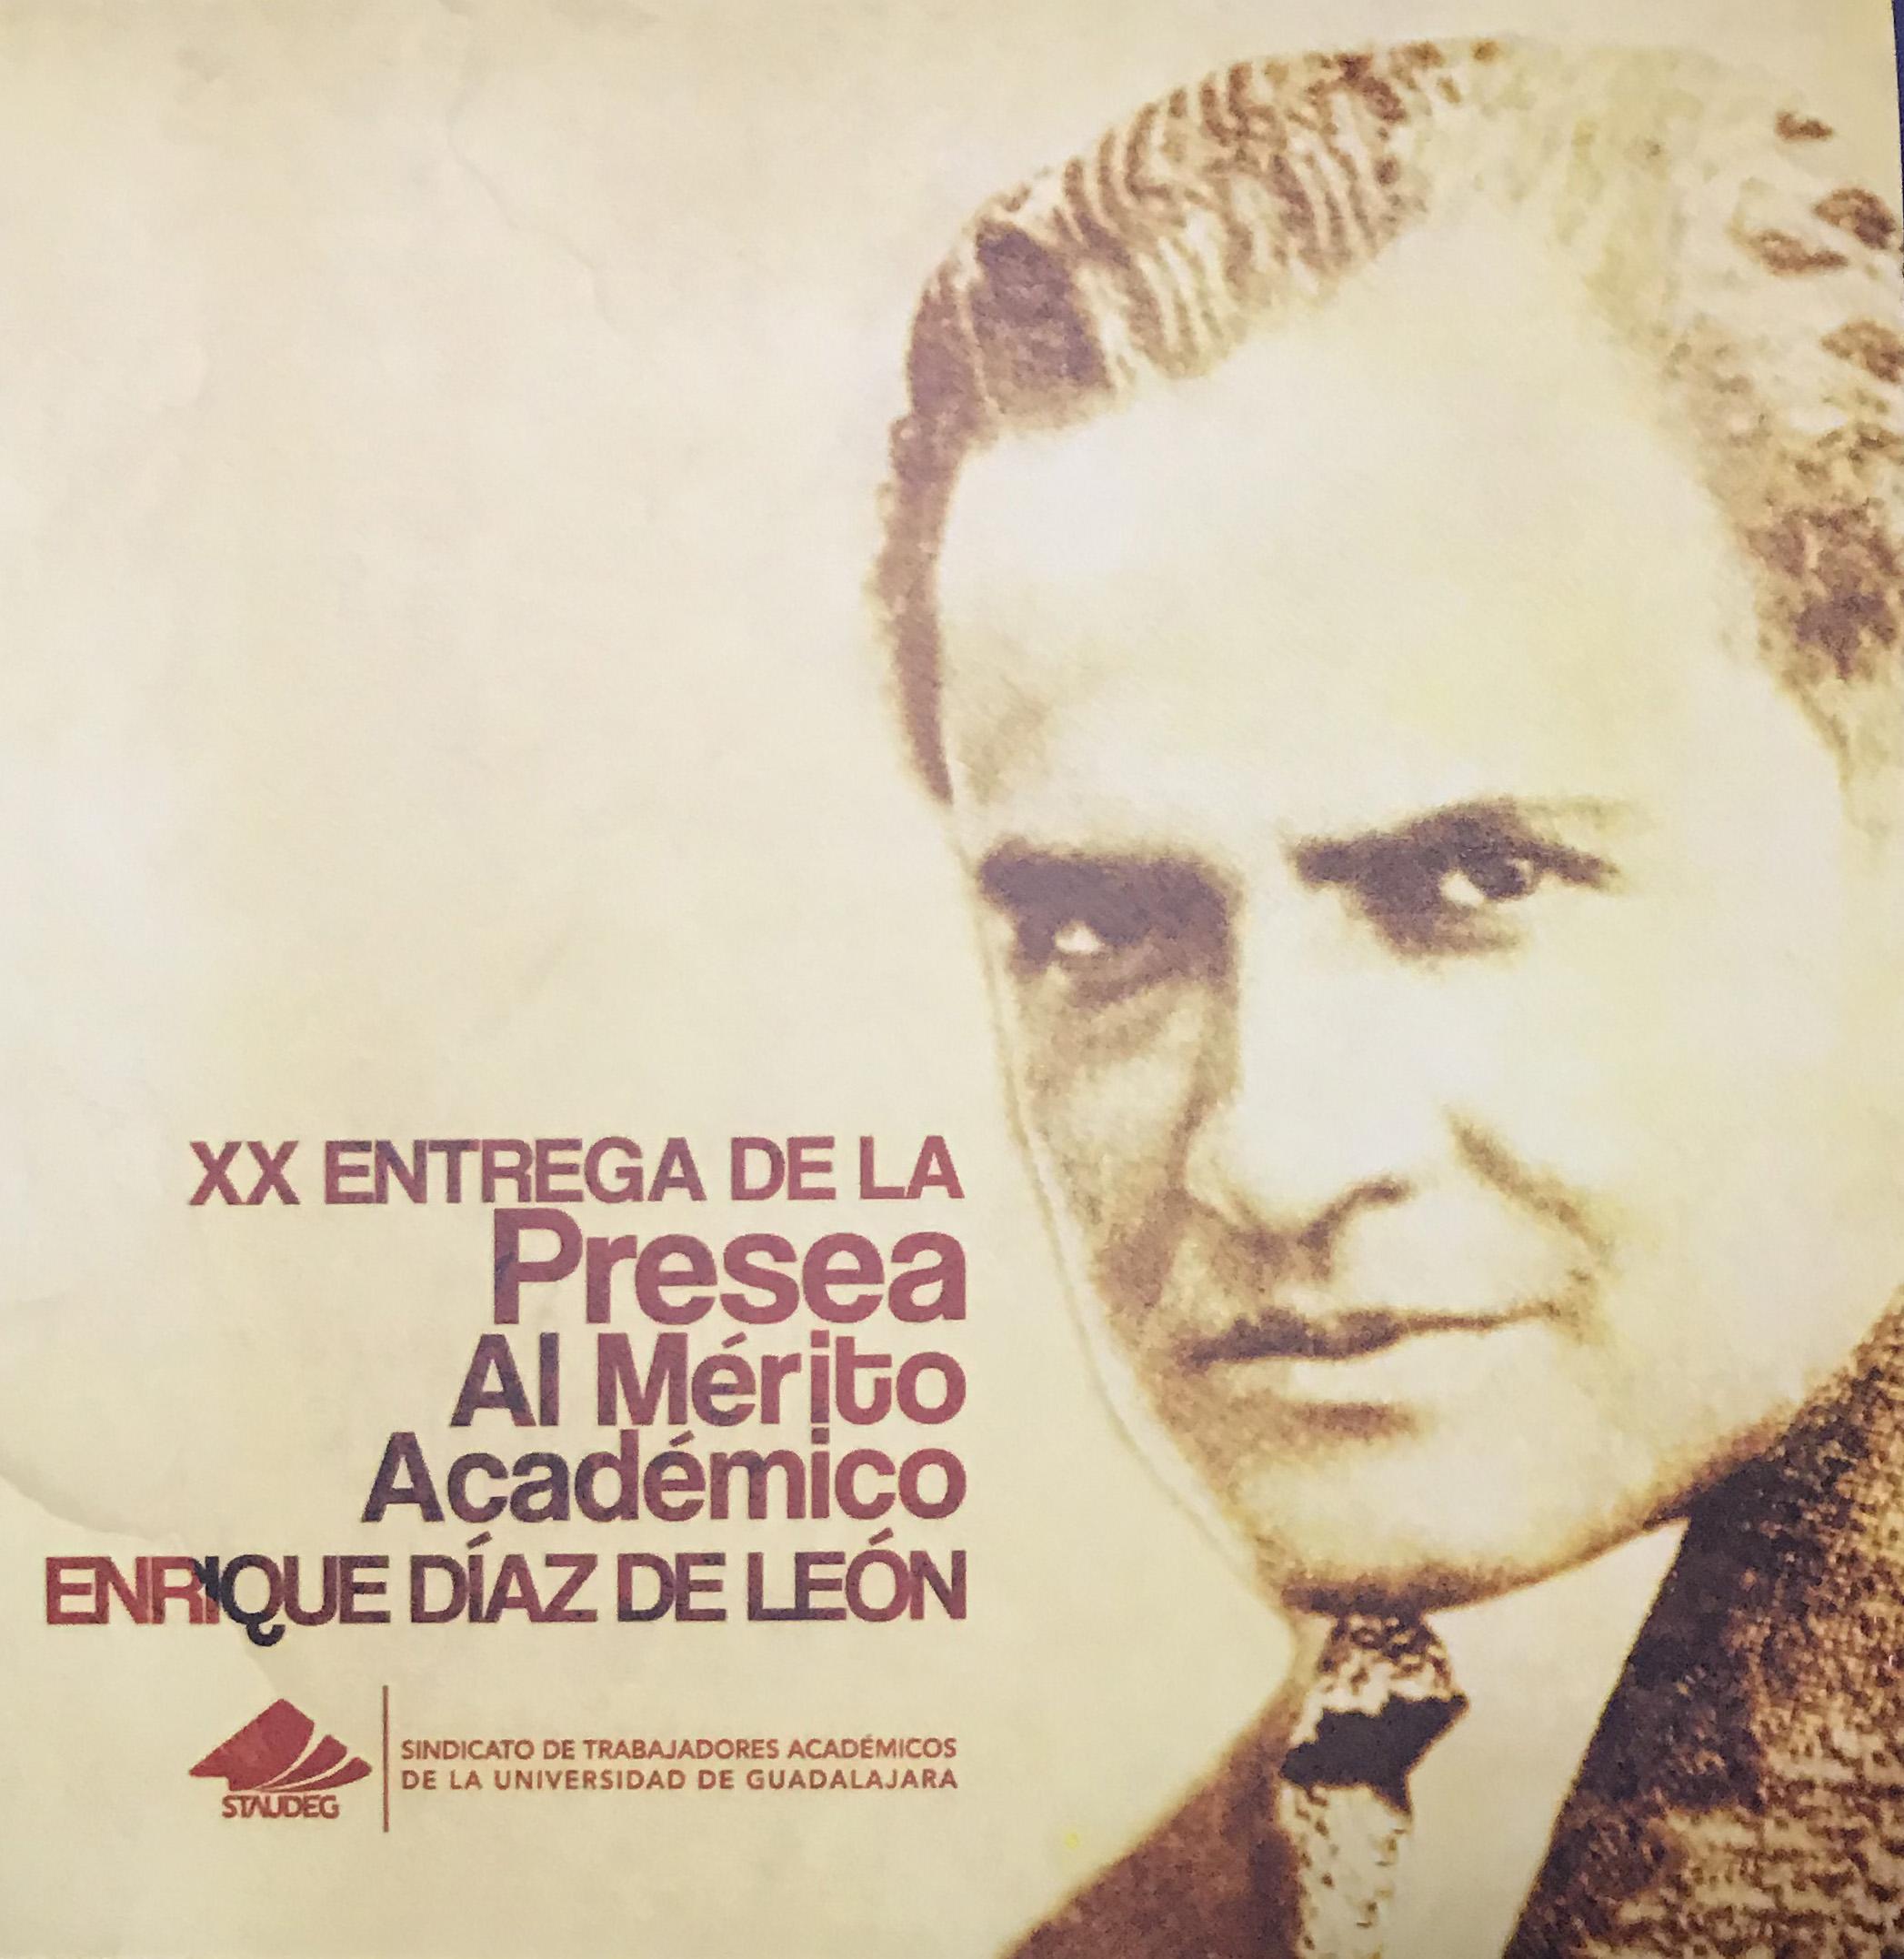 Cartel promocional de la XX Entrega de la Presea al Mérito Académico